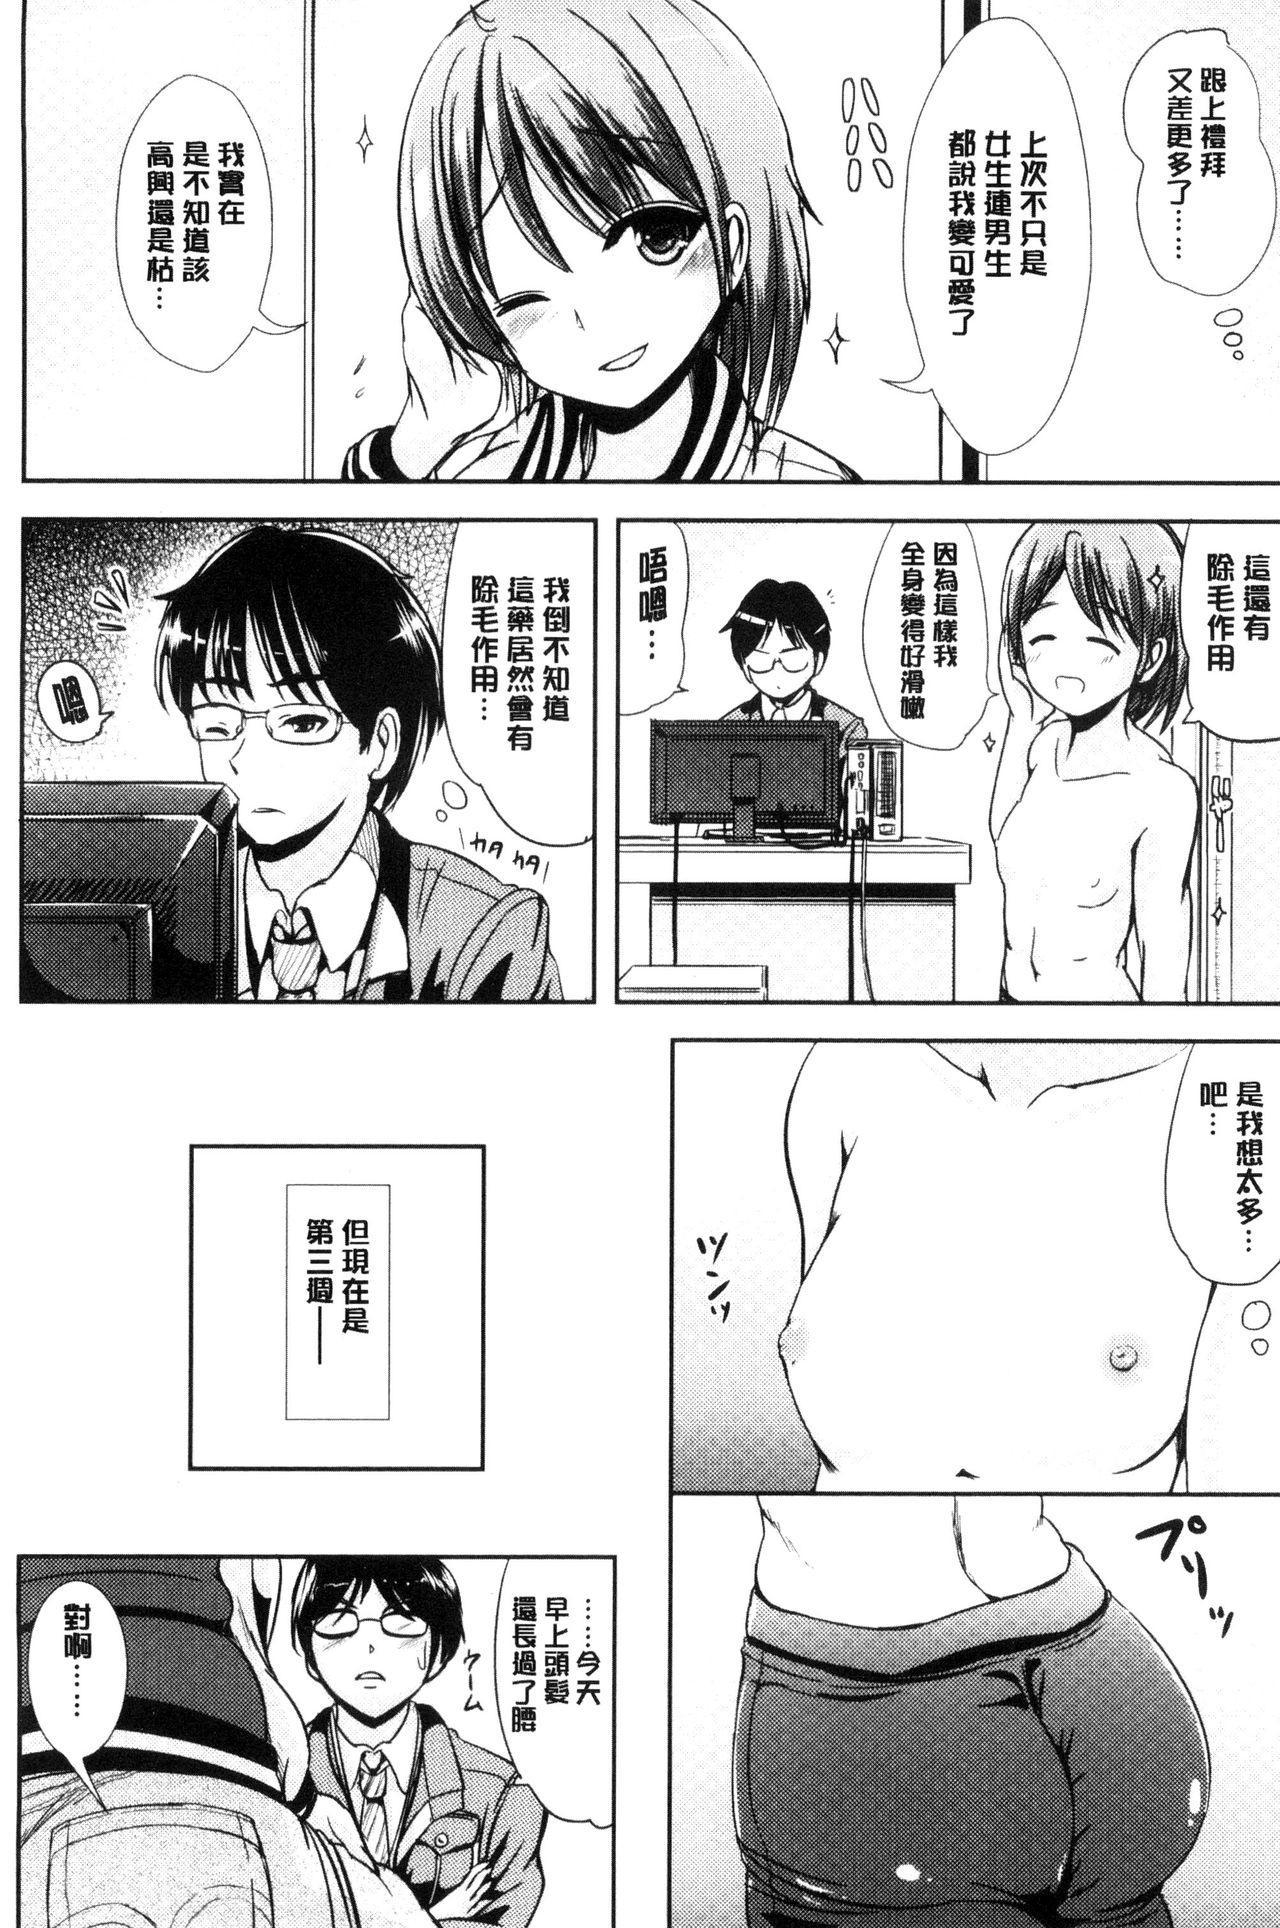 [Marneko] Onnanoko Supple ~Seitenkan Shite Hoken no Jugyou~   女孩子補給品 性轉換之後保健的授業 [Chinese] 24